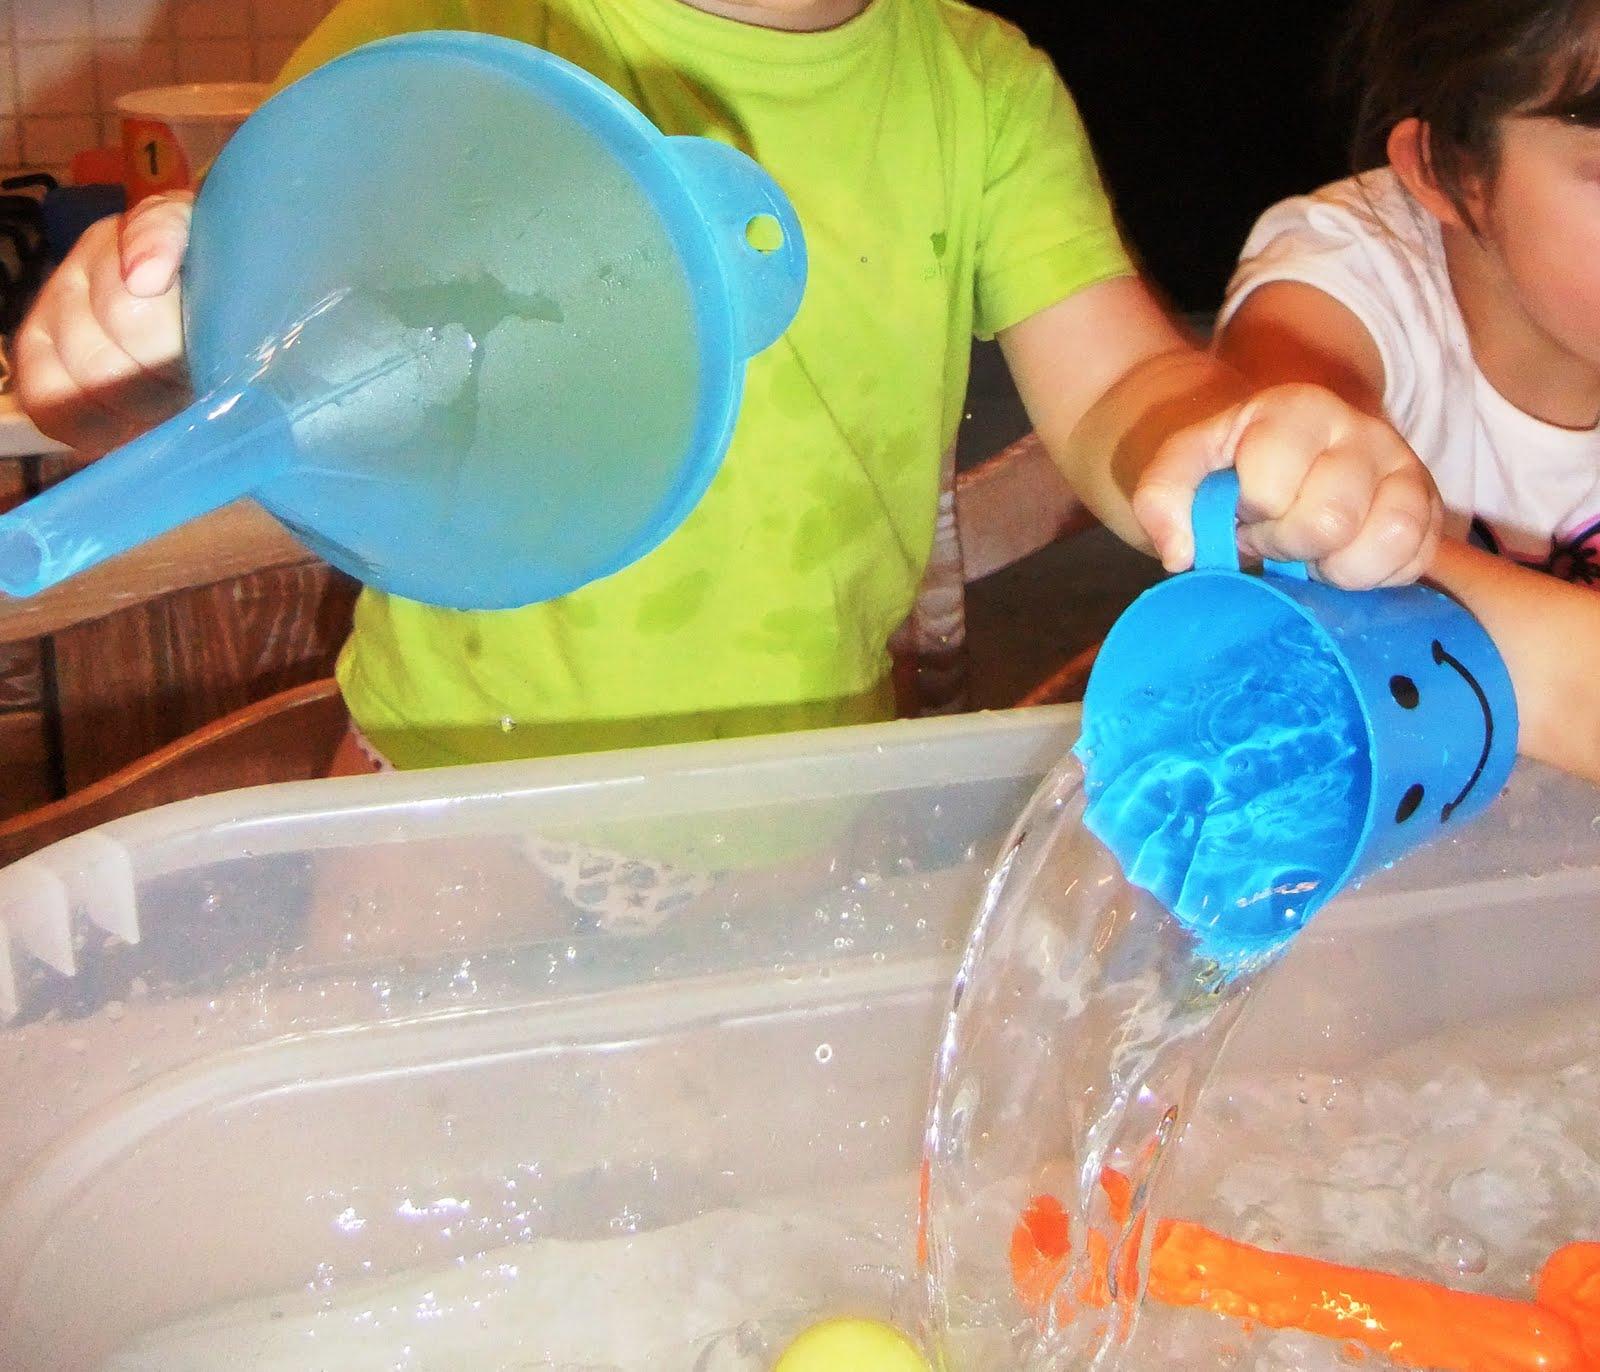 Studiamando liberamente: Giochi con l'acqua: travasi e galleggiamenti